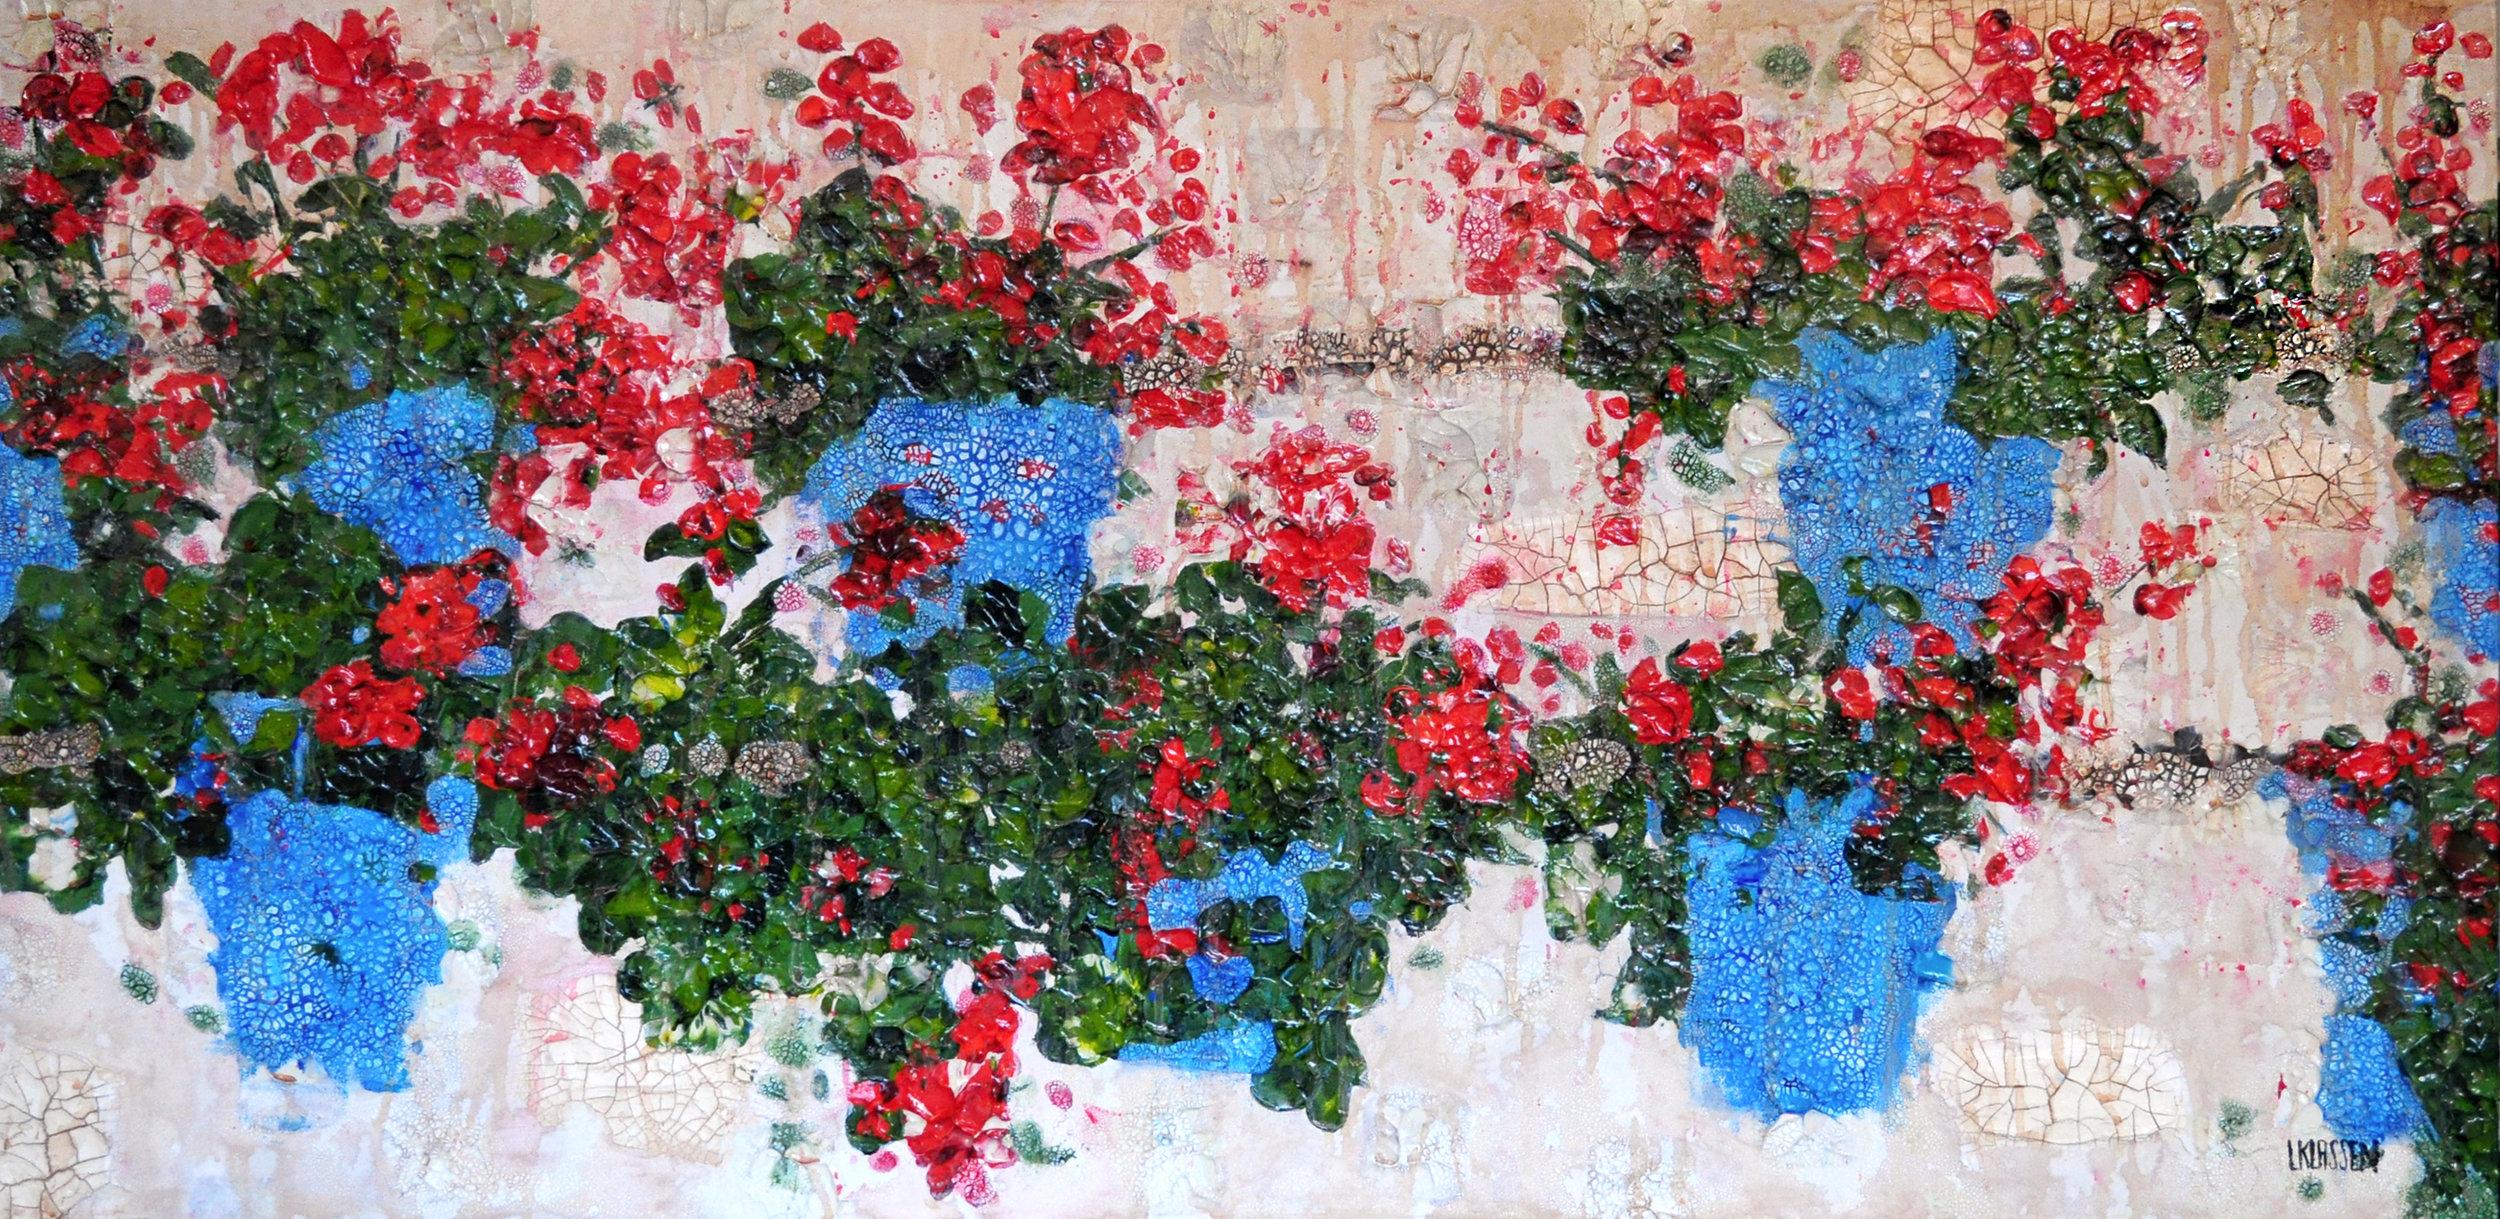 Flowers on a Wall in Cordoba.jpg